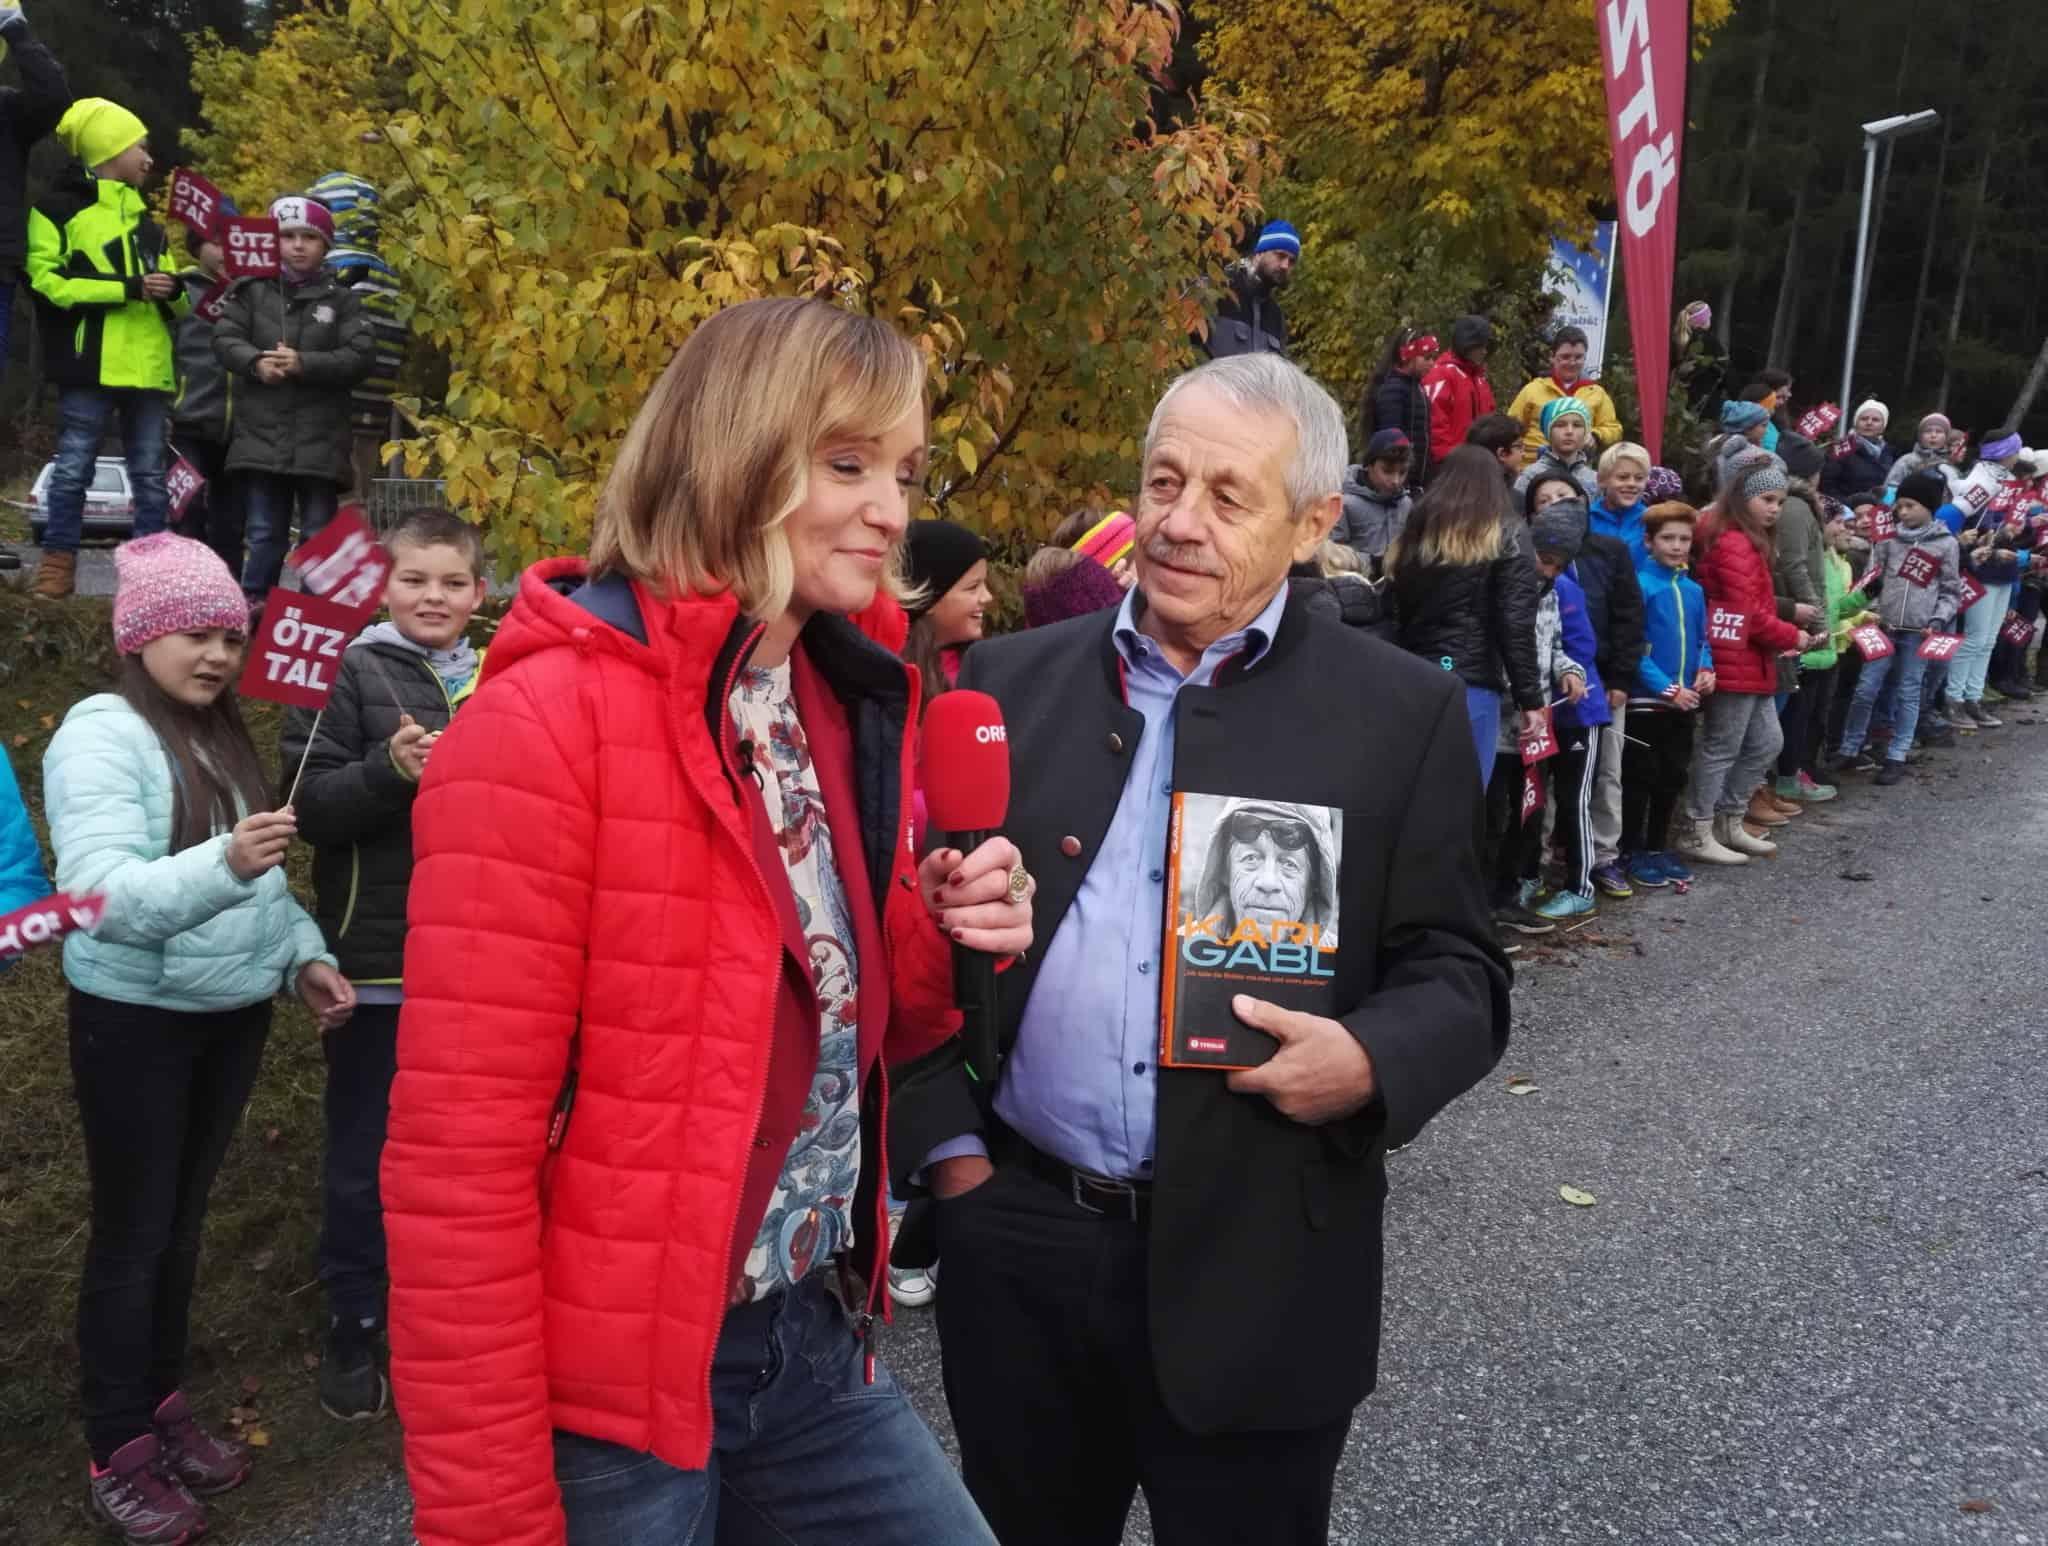 ORF Guten Morgen Österreich Tirol Sölden Woche C Andreas Felder 30 - ORF Guten Morgen Österreich - Tirol Woche